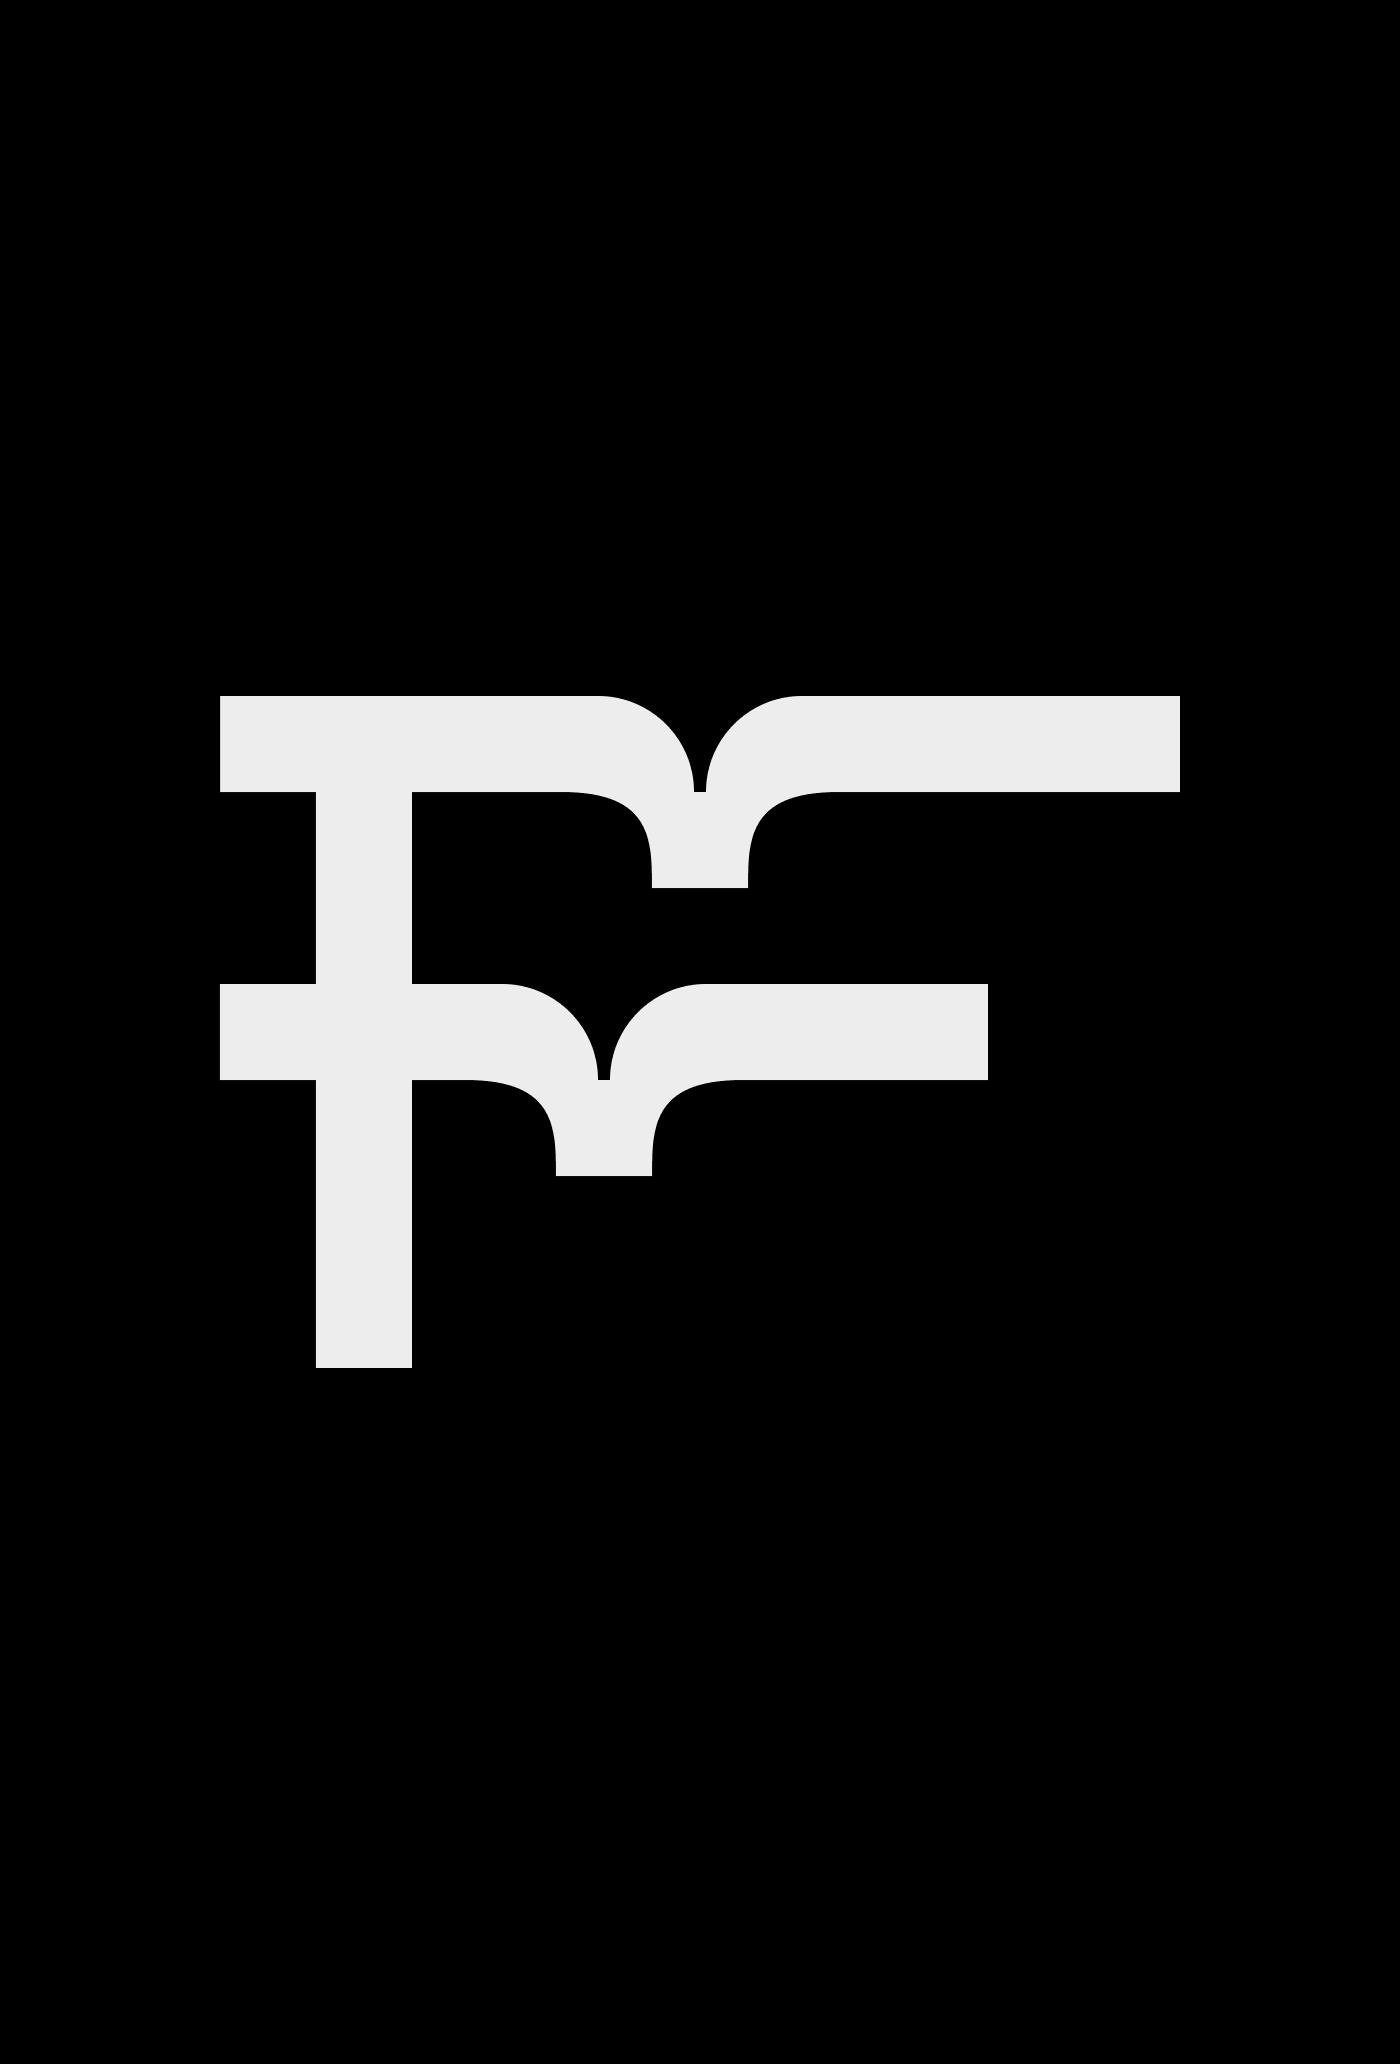 BrunoSilva-Logos-006